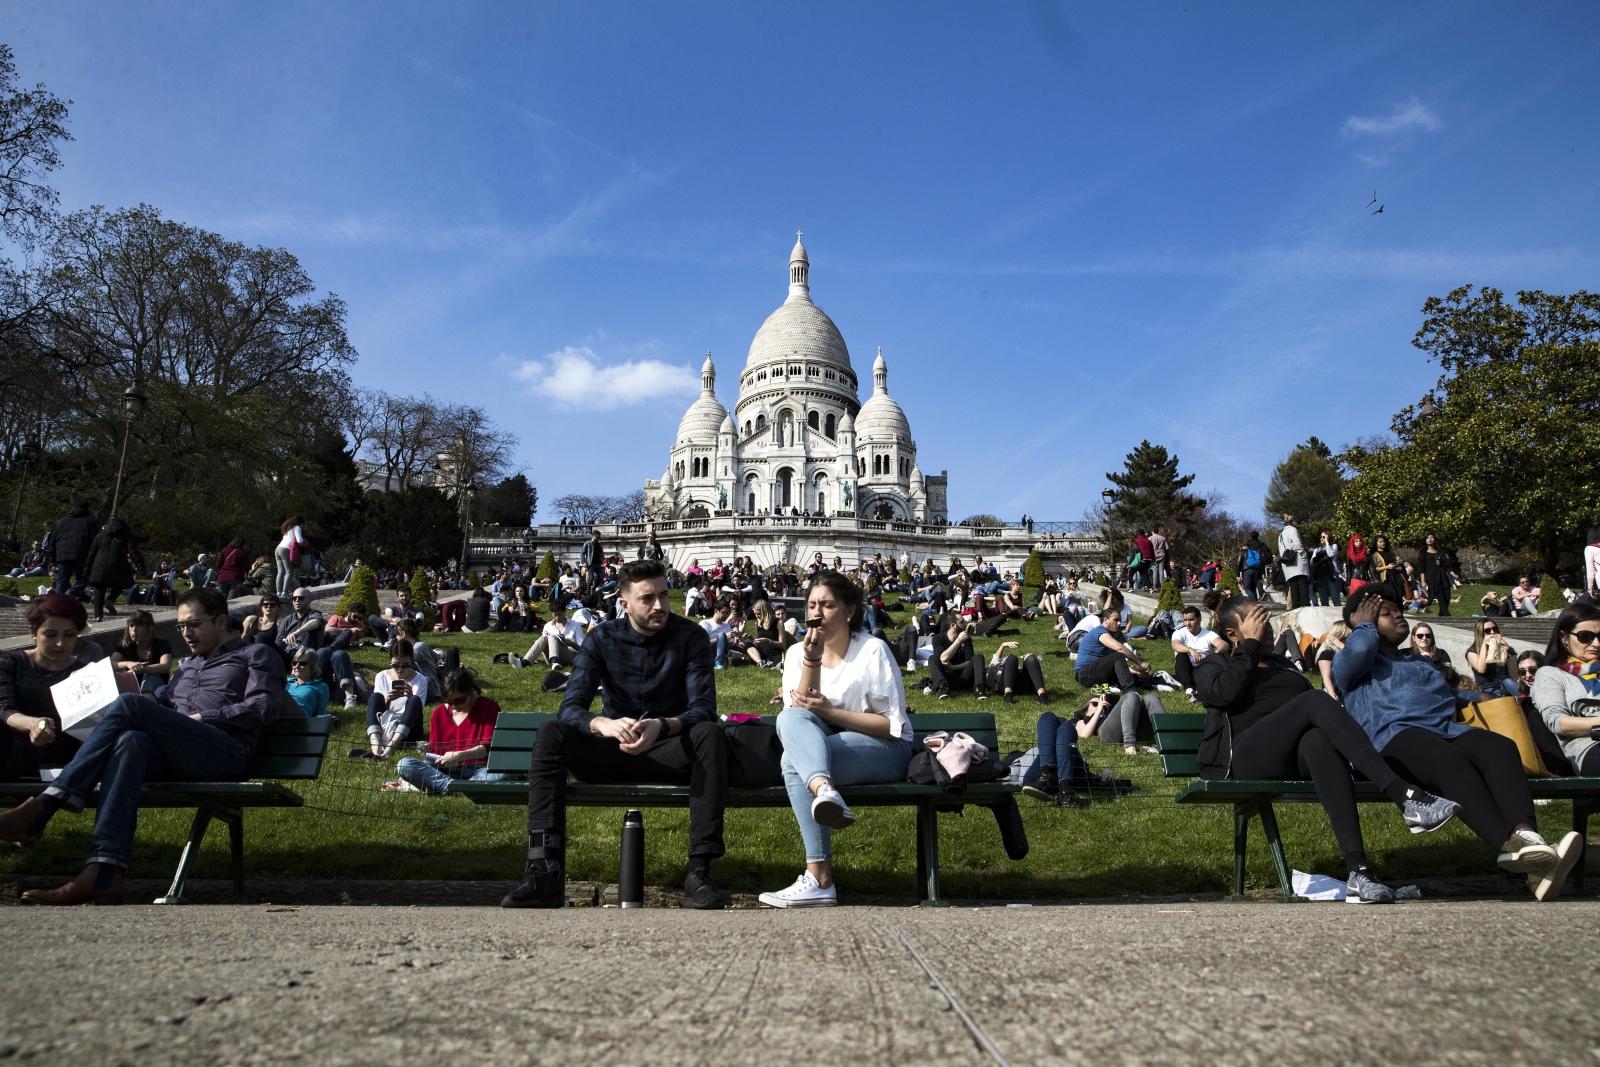 Ludzie wygrzewają się przy Sacre Coeur w Paryżu, Francja.